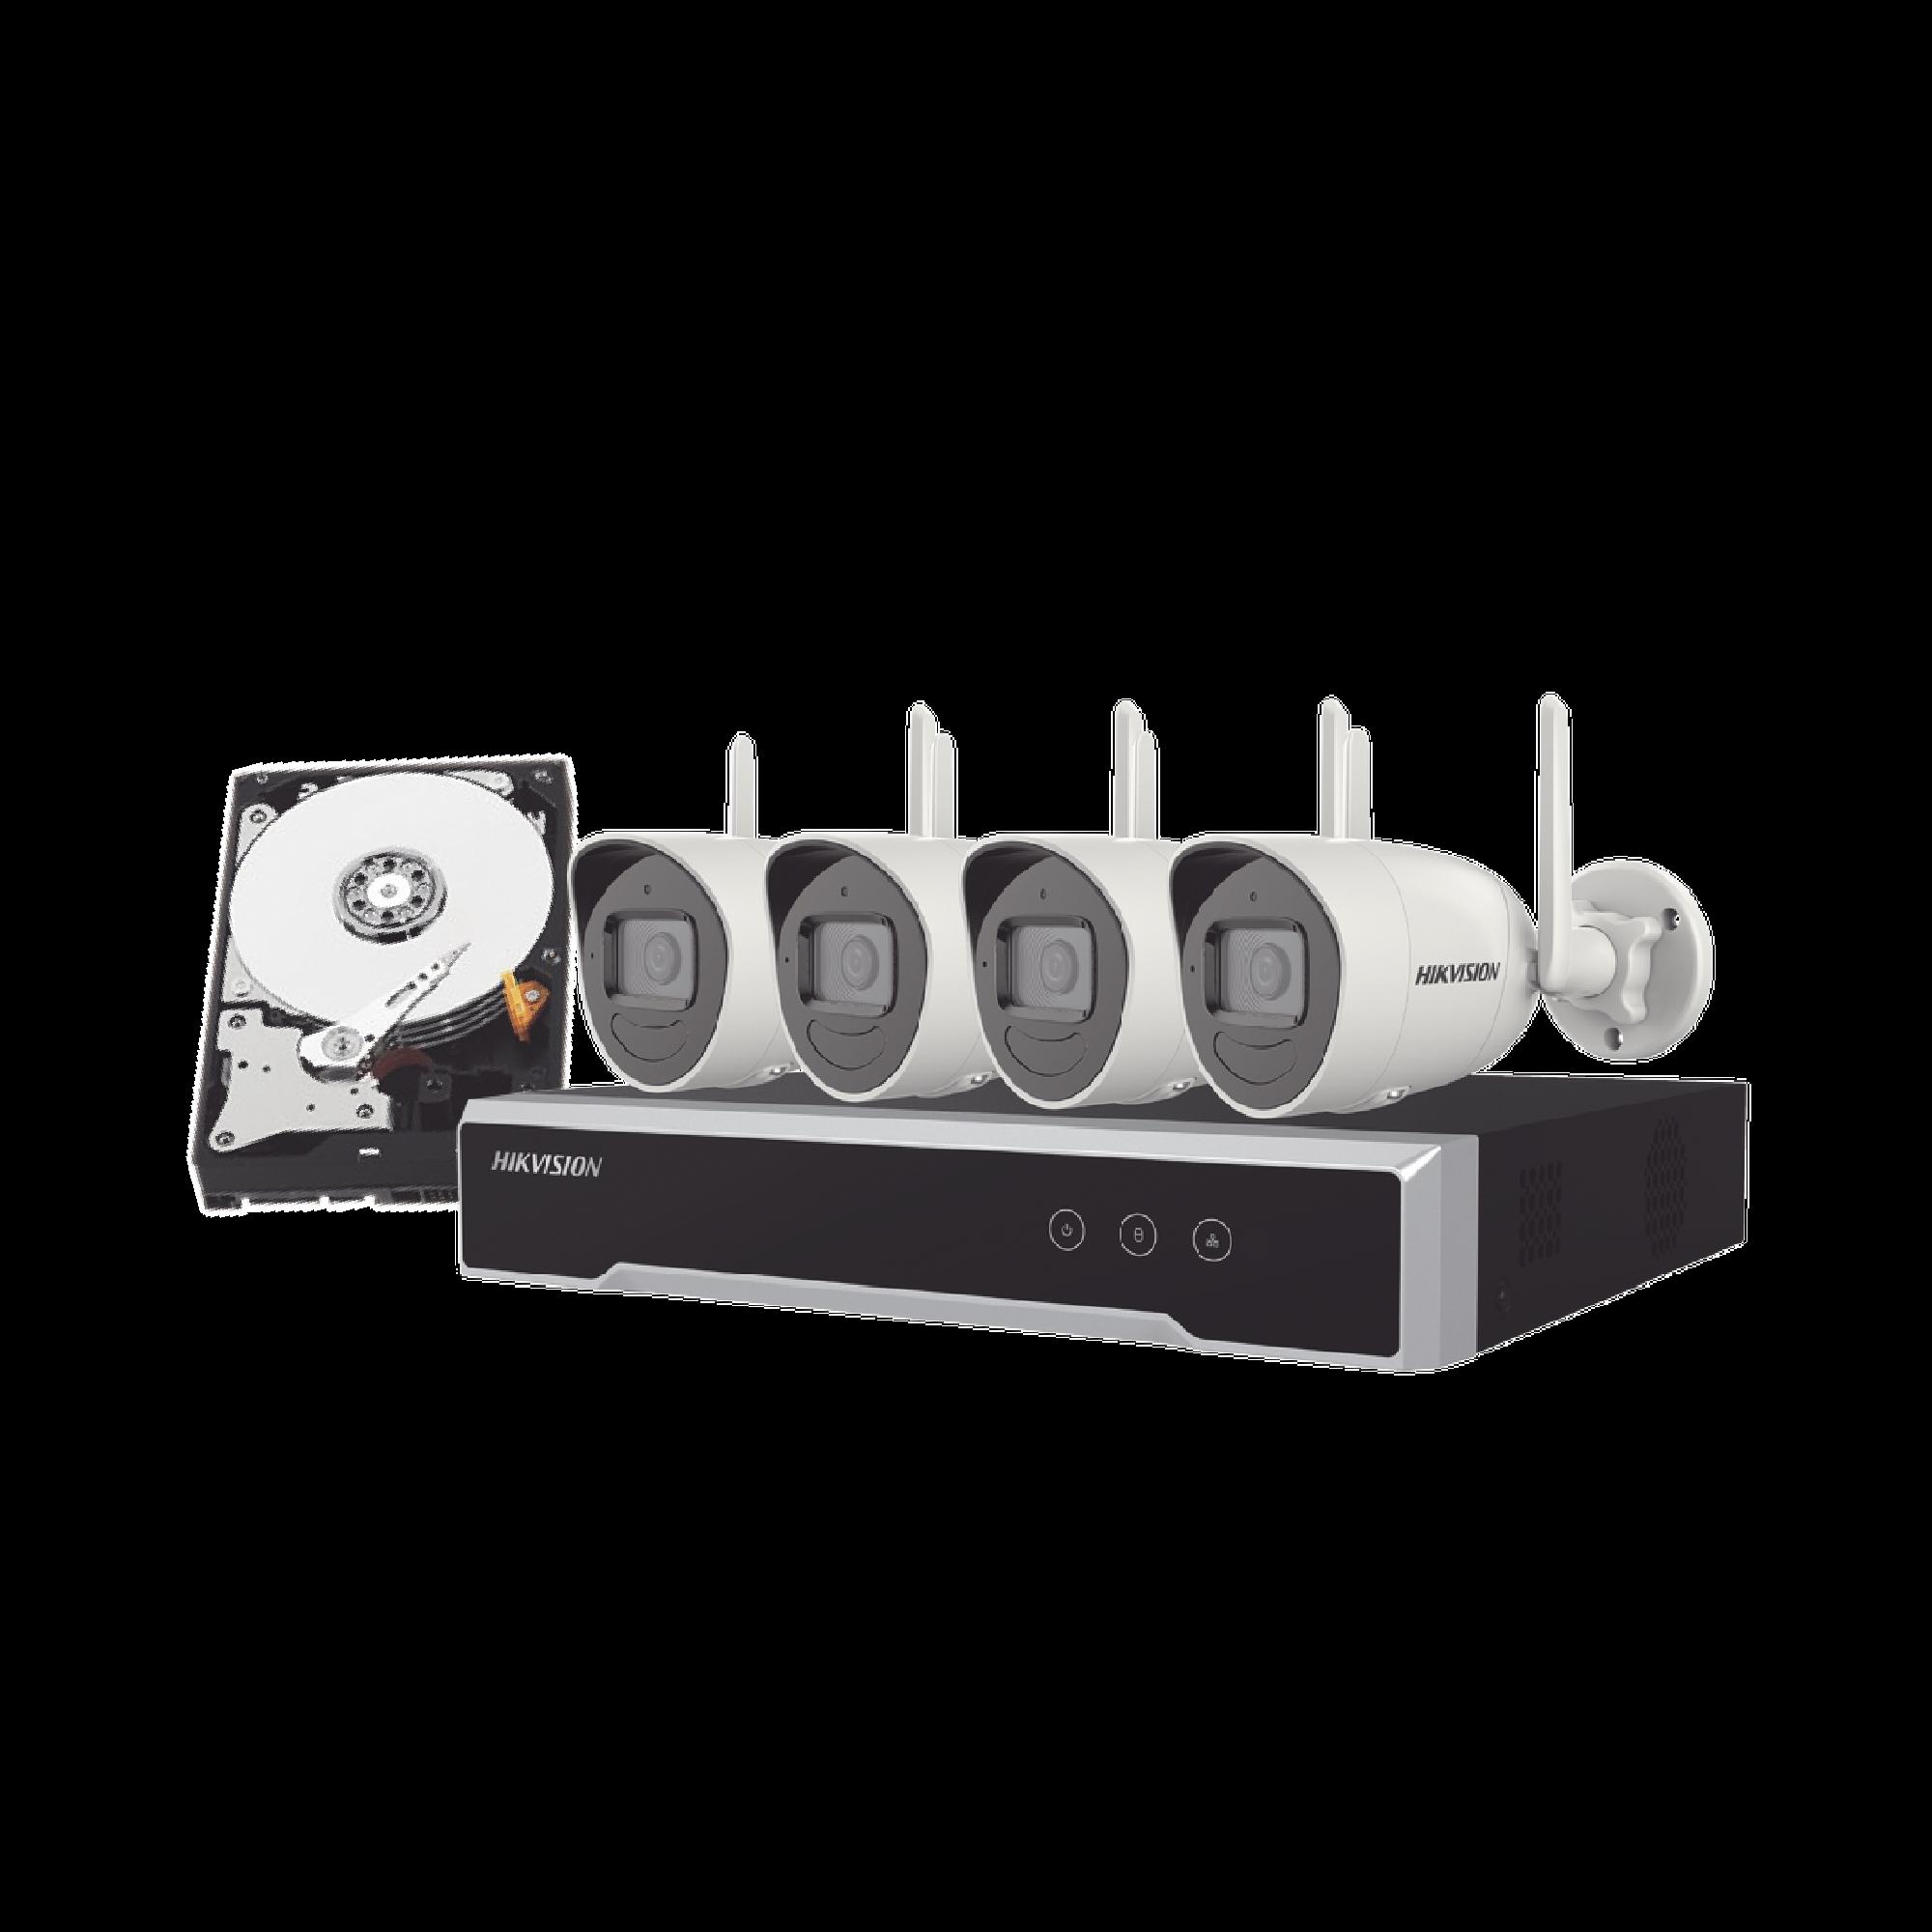 (120 Metros Inalámbricos) Kit IP Inalámbrico 1080p / NVR 4 Canales / 4 Cámaras Bala para Exterior / 1 HDD de 1 TB / Modo Repetidor